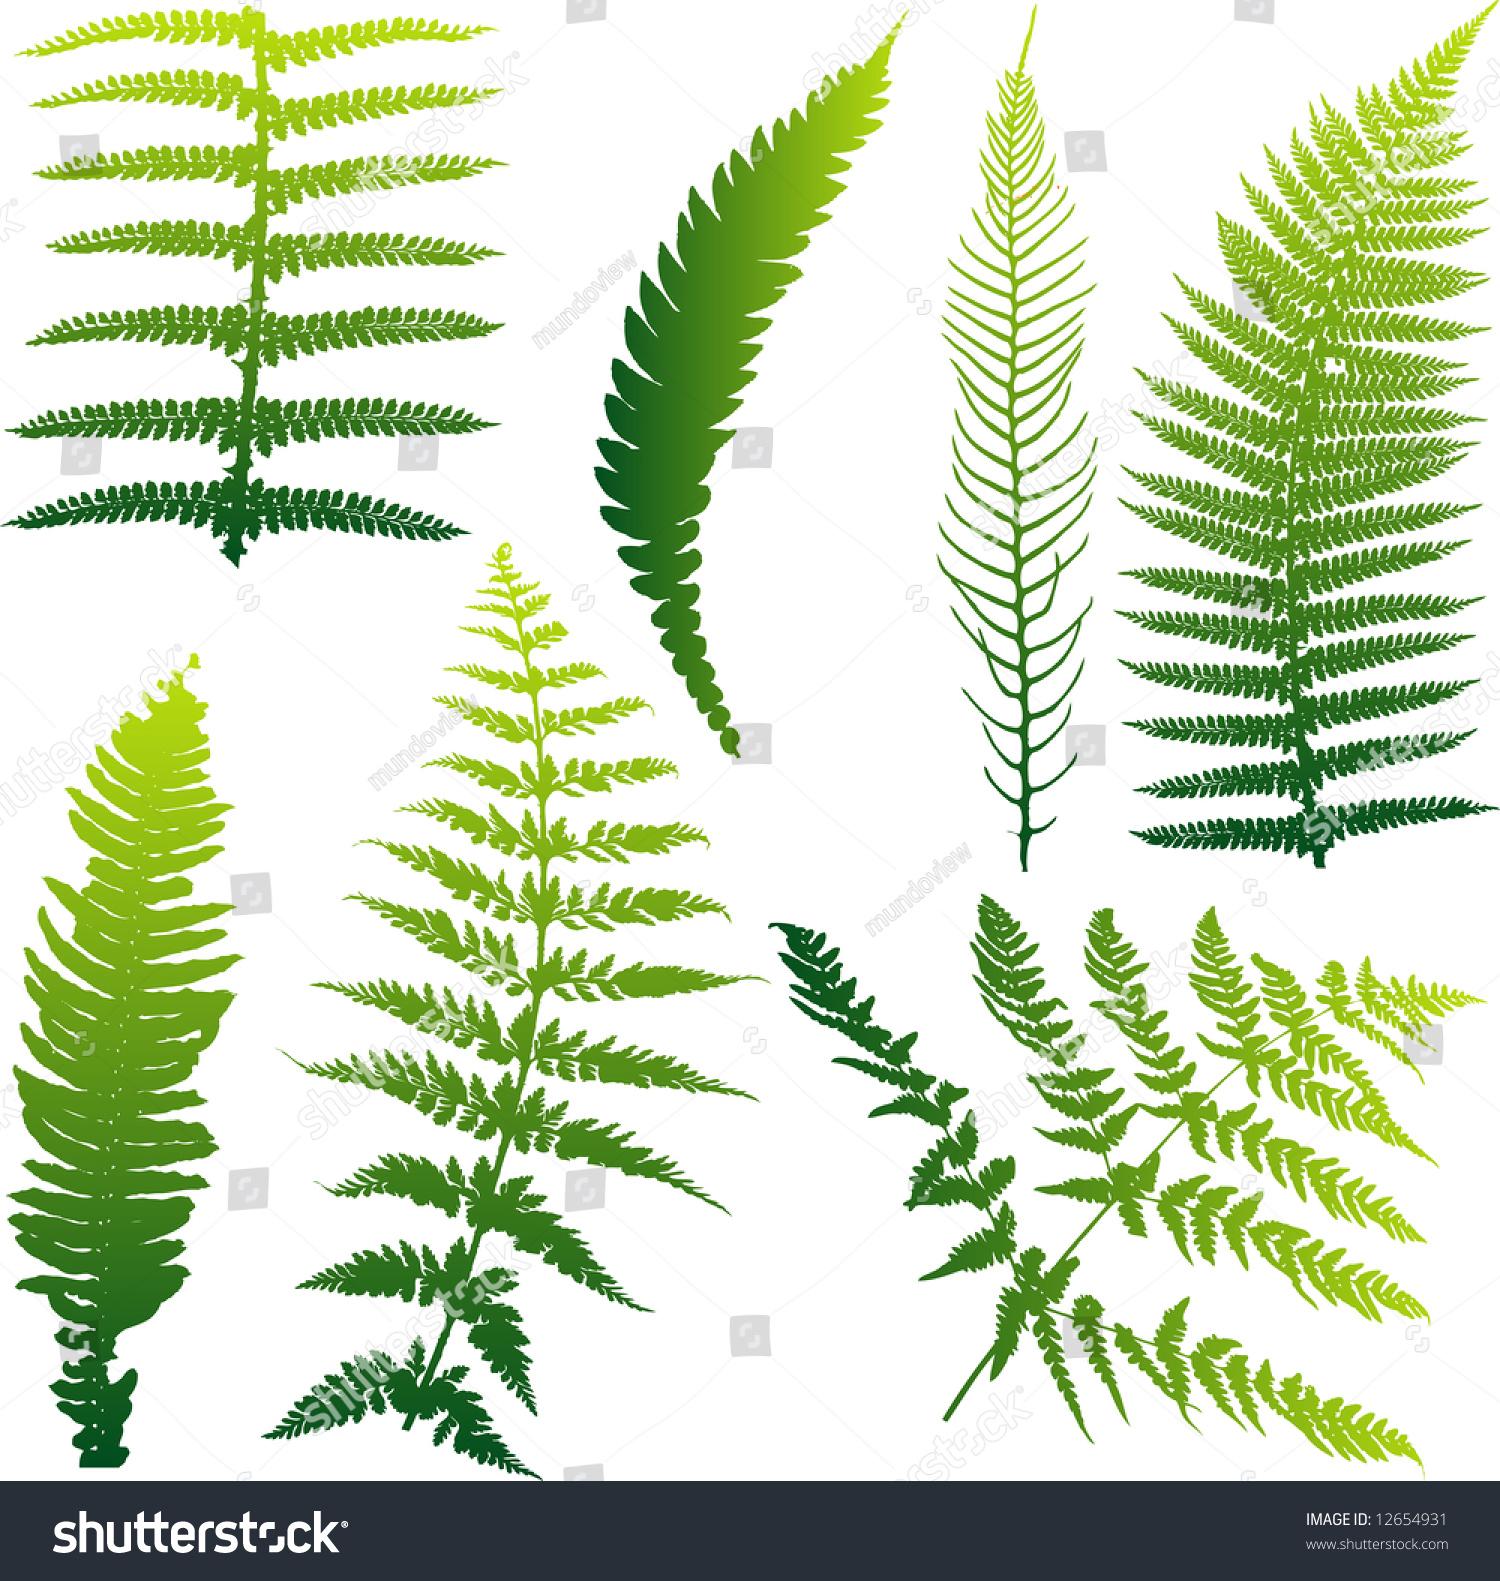 从新西兰七矢量蕨类植物的集合.颜色可以很容易地改变